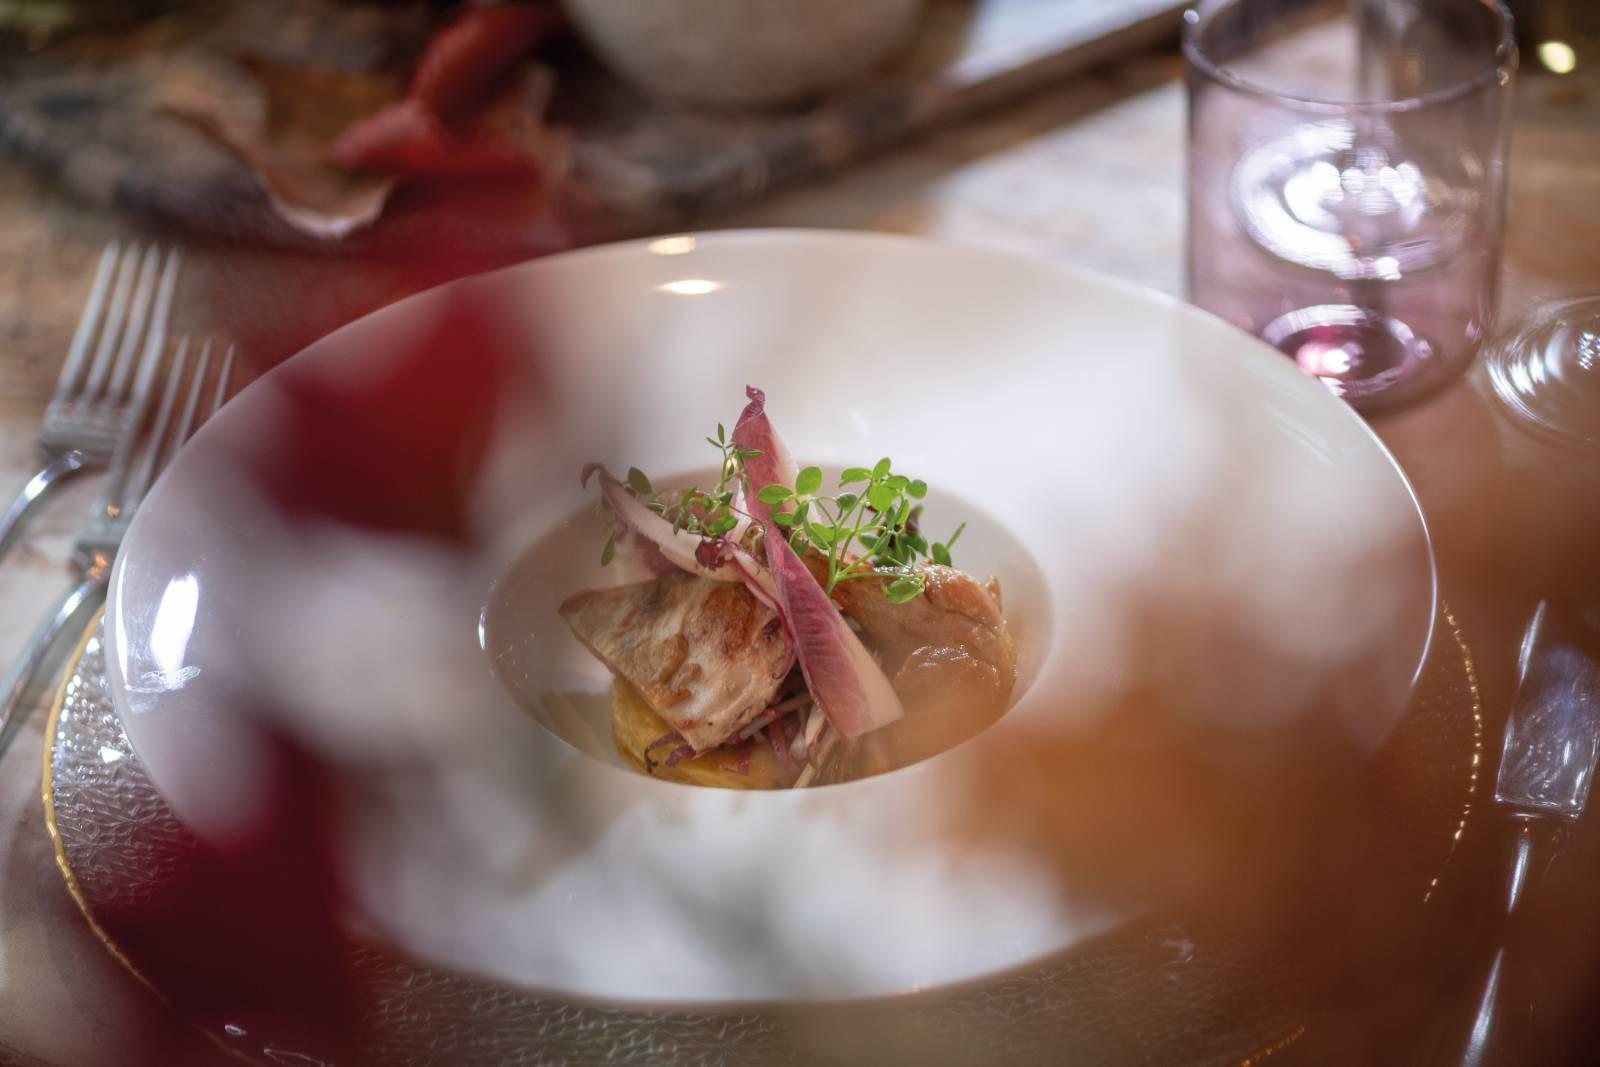 Silverspoon - Traiteur - Catering - Fotograaf Studiovision - House of Weddings217_SV5_1289